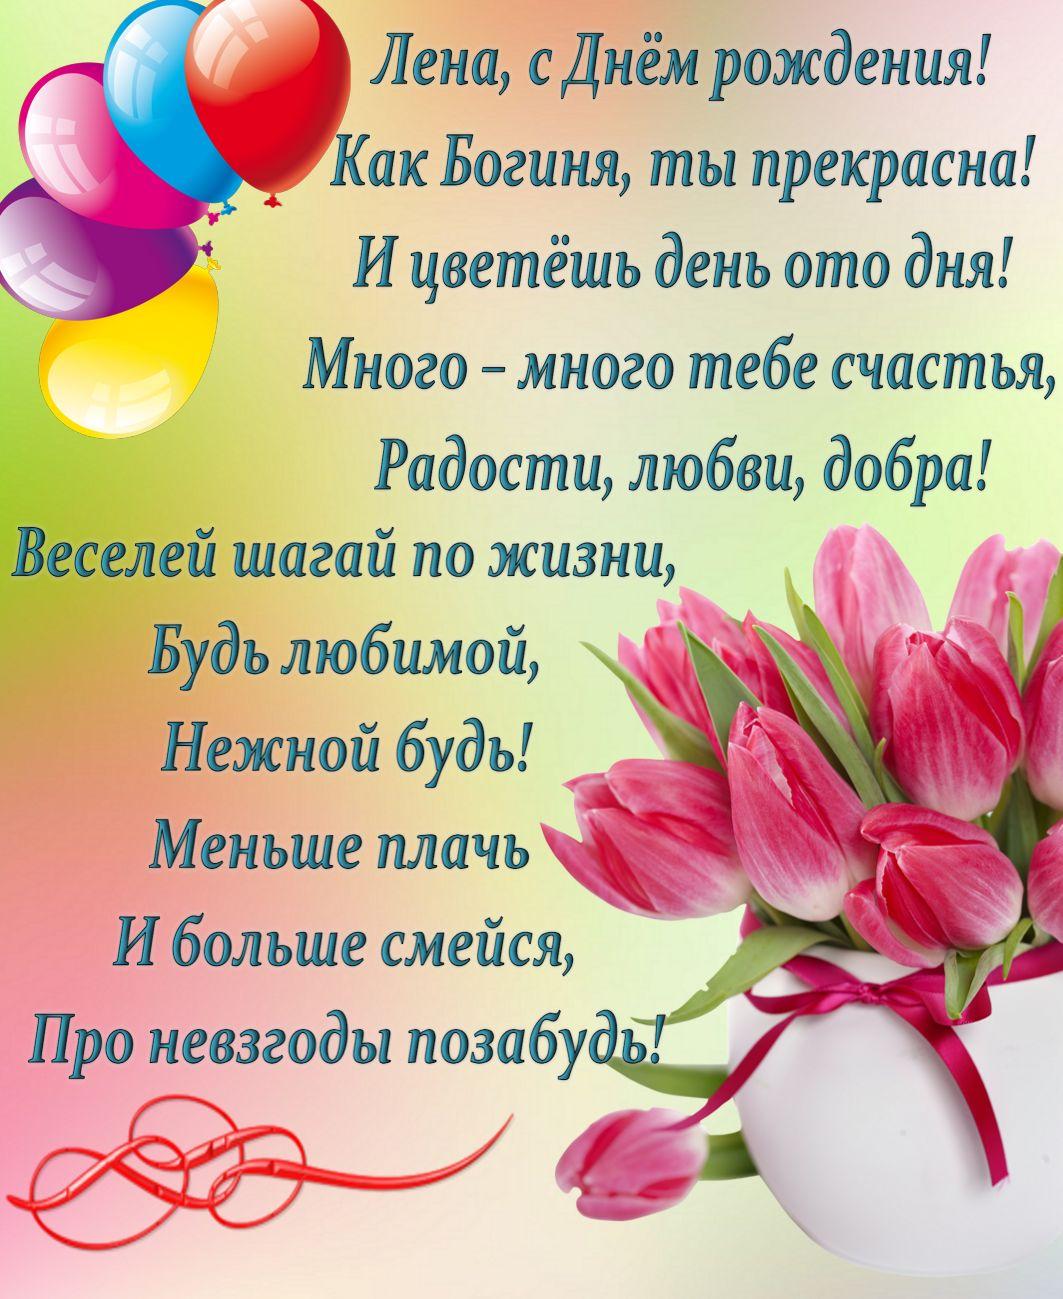 поздравление лене на день рождения подруге того, подложка выполняет